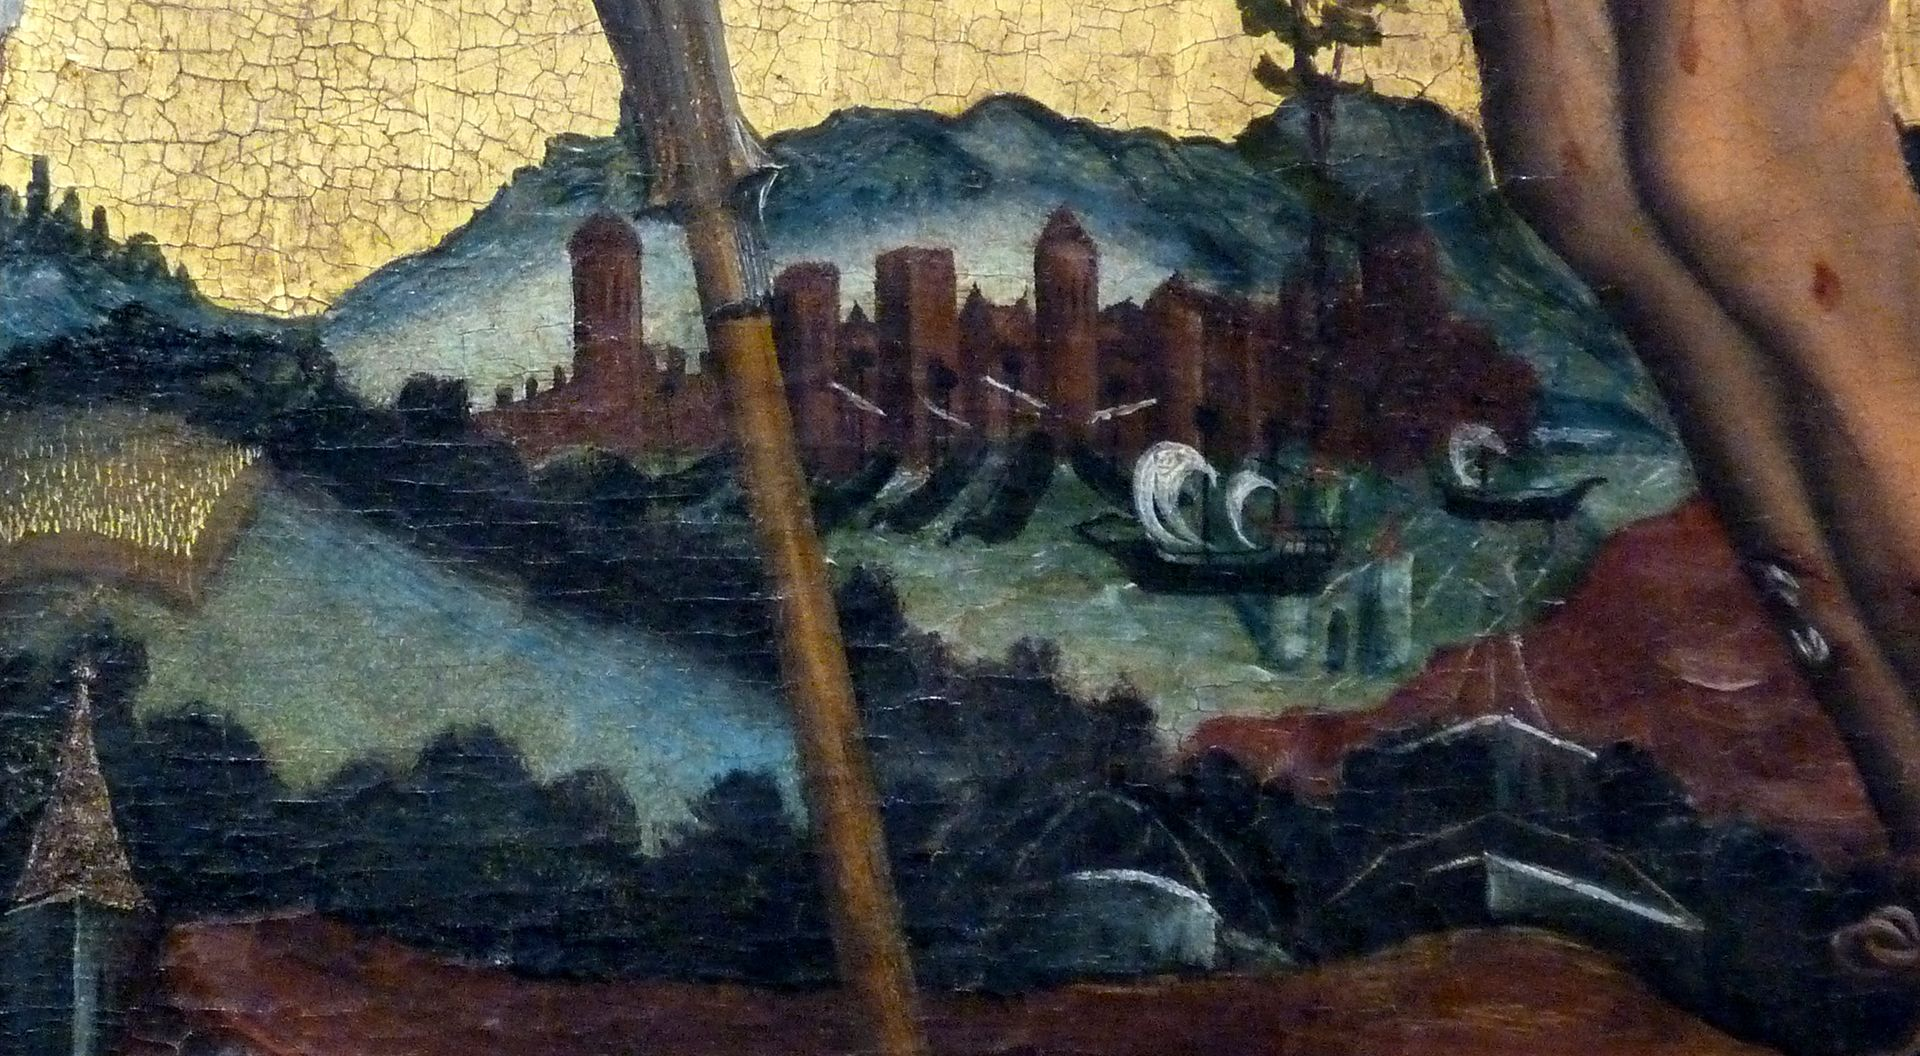 Passionsaltar der Johanniskirche Mitteltafel, fremde Stadt am Wasser links von Christus